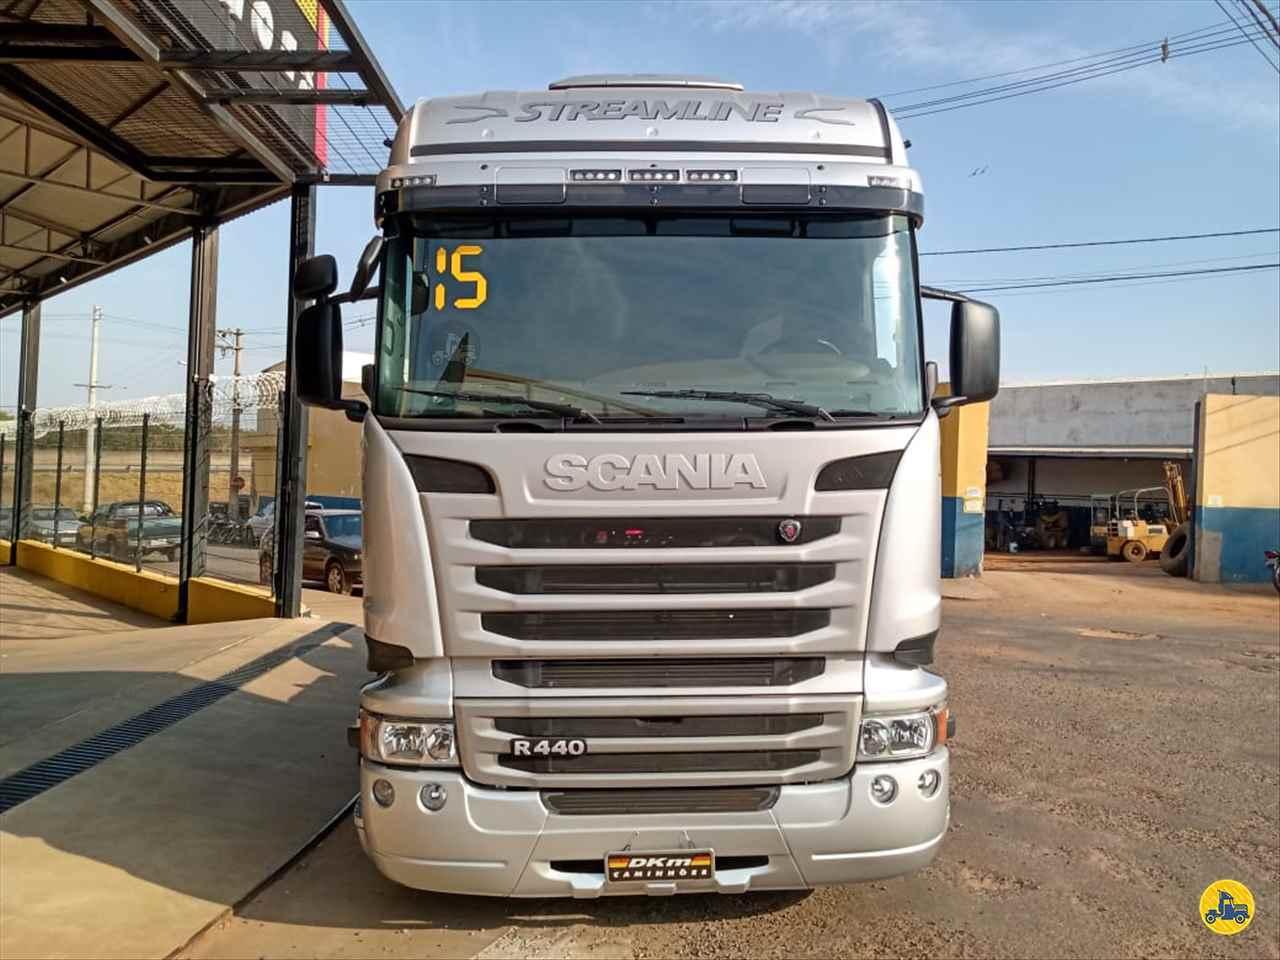 SCANIA SCANIA 440 655000km 2014/2015 DKM Caminhões